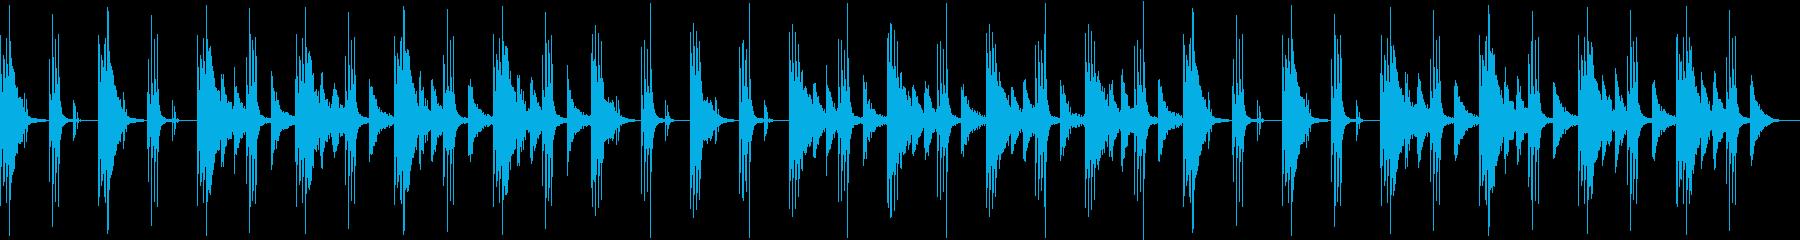 ハープ特有の優しい響きが心落ち着くの再生済みの波形